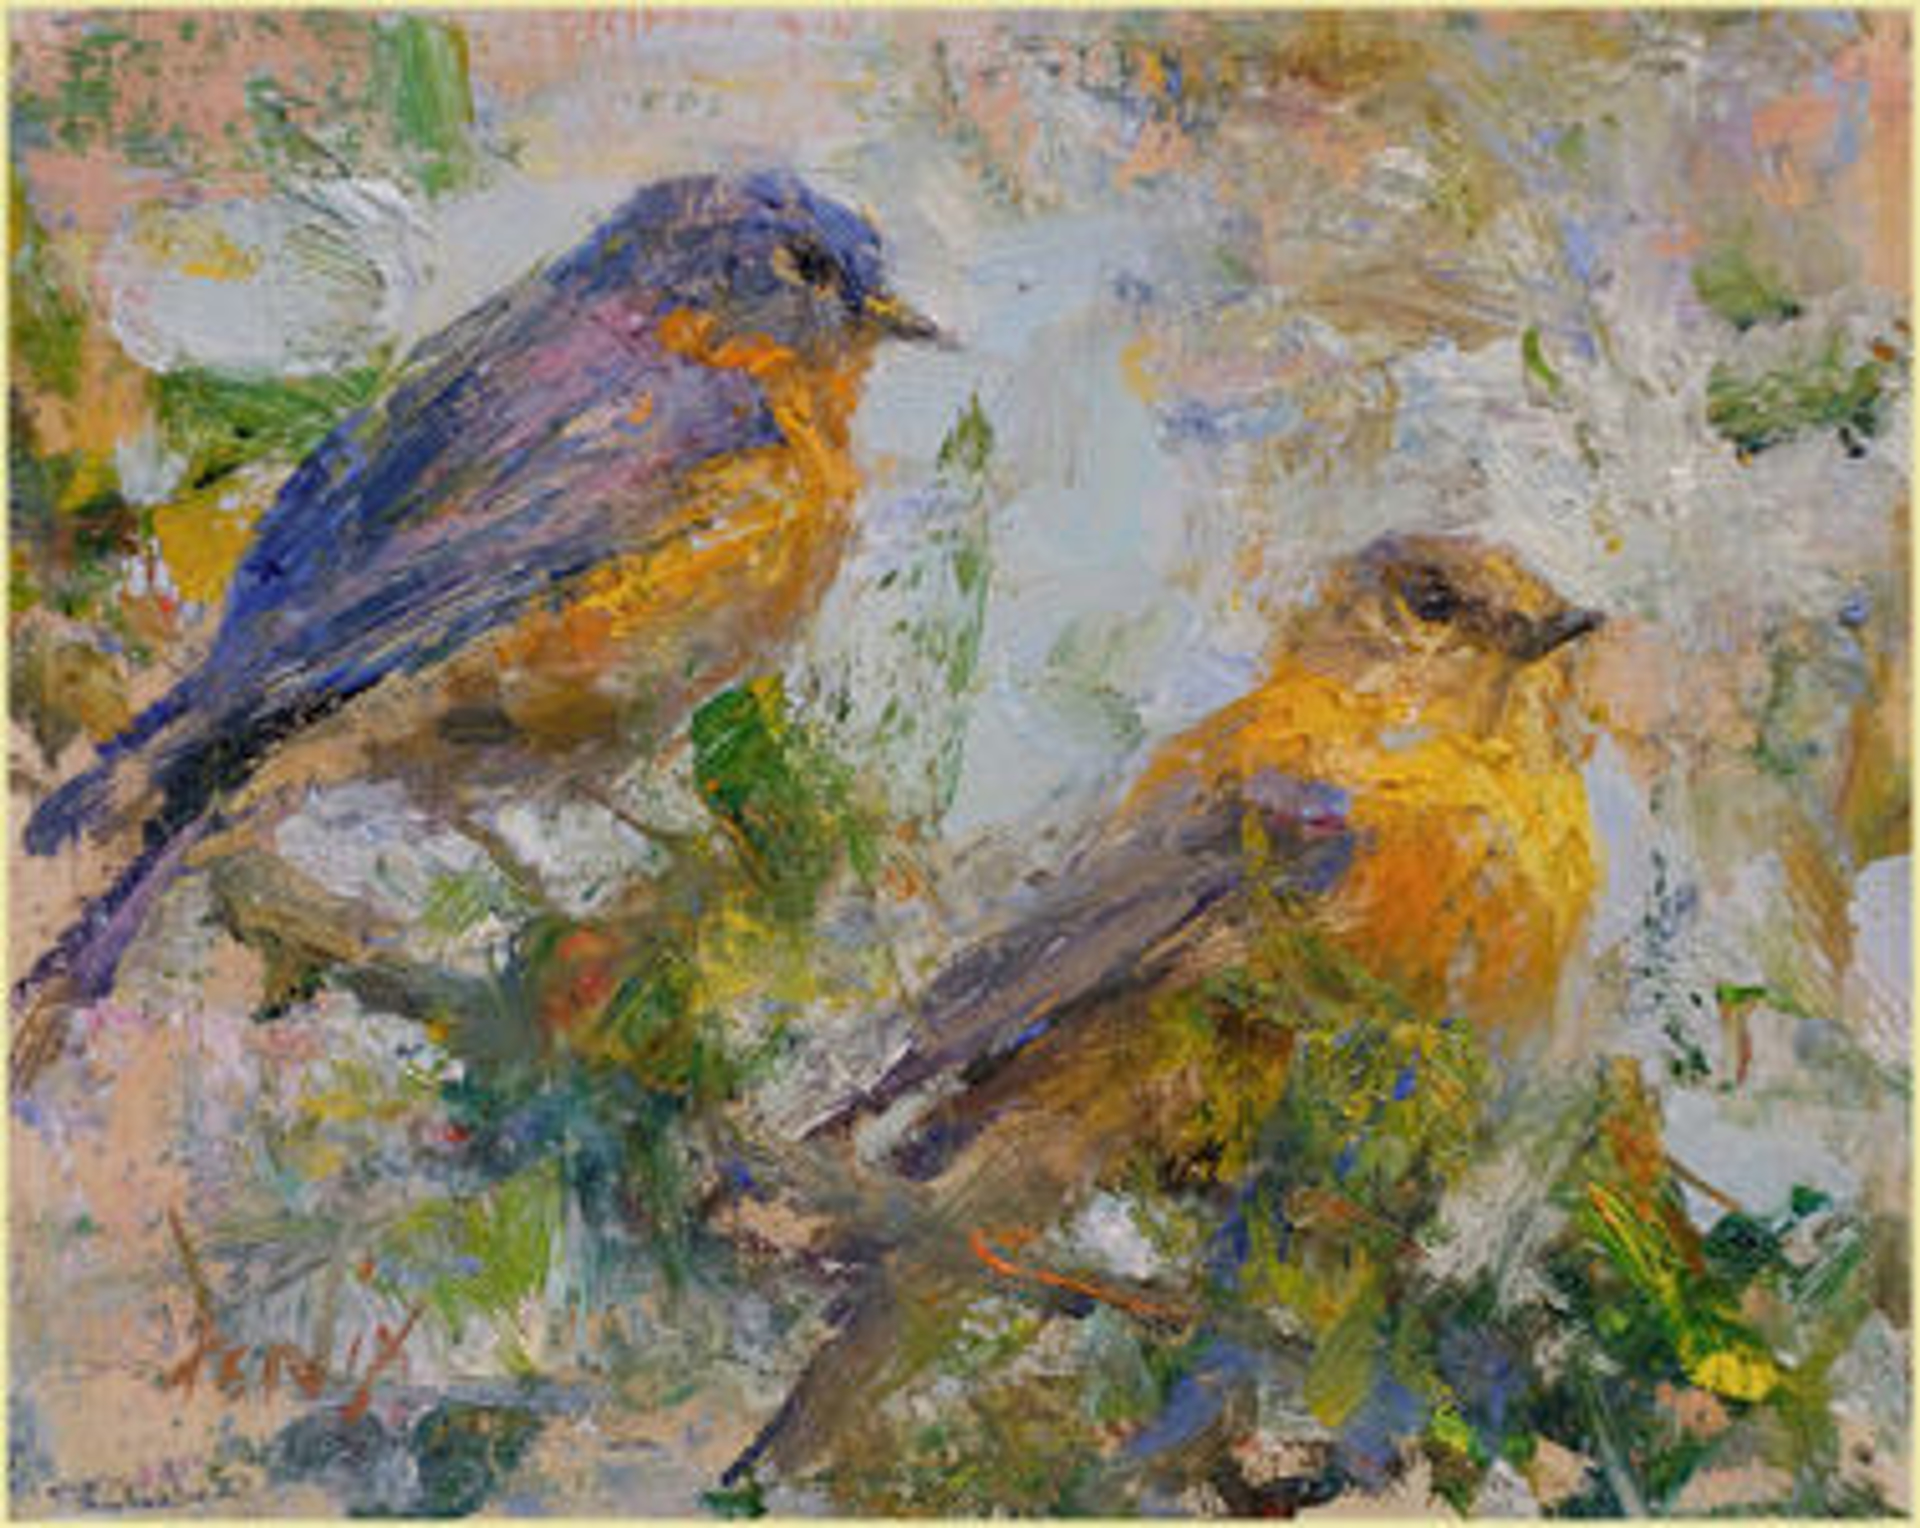 Blue Birds by Derek Penix